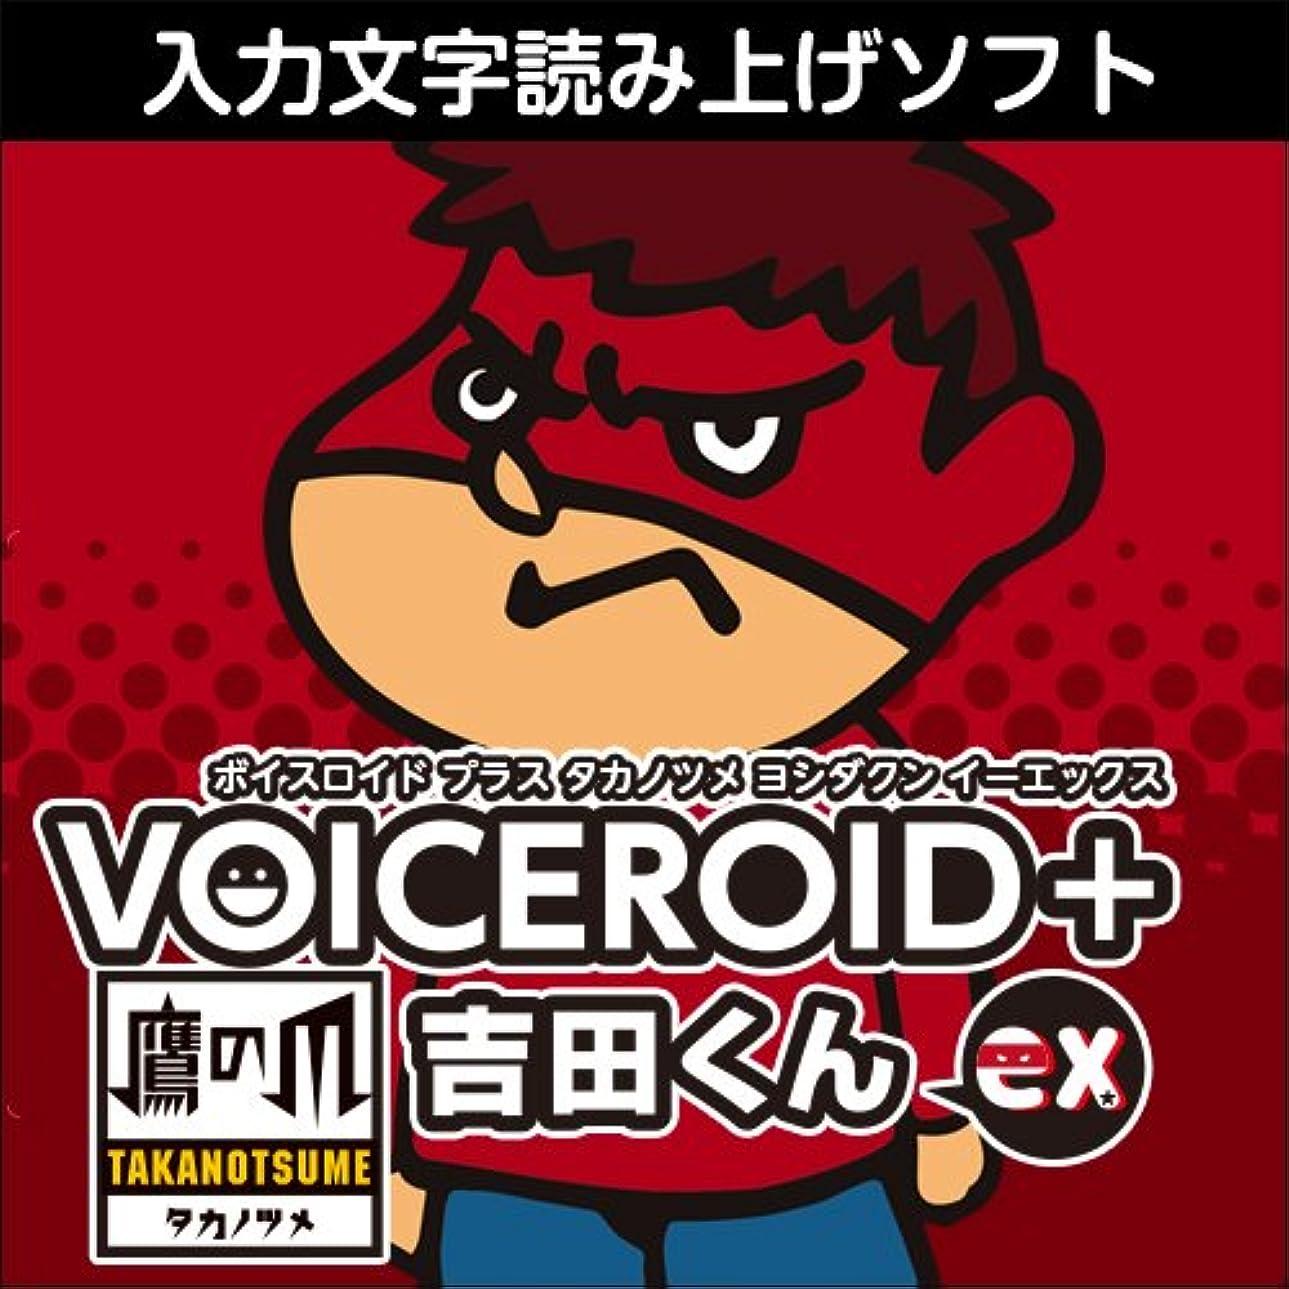 眠いです入る電卓VOICEROID+ 鷹の爪 吉田くん EX ダウンロード版 [ダウンロード]